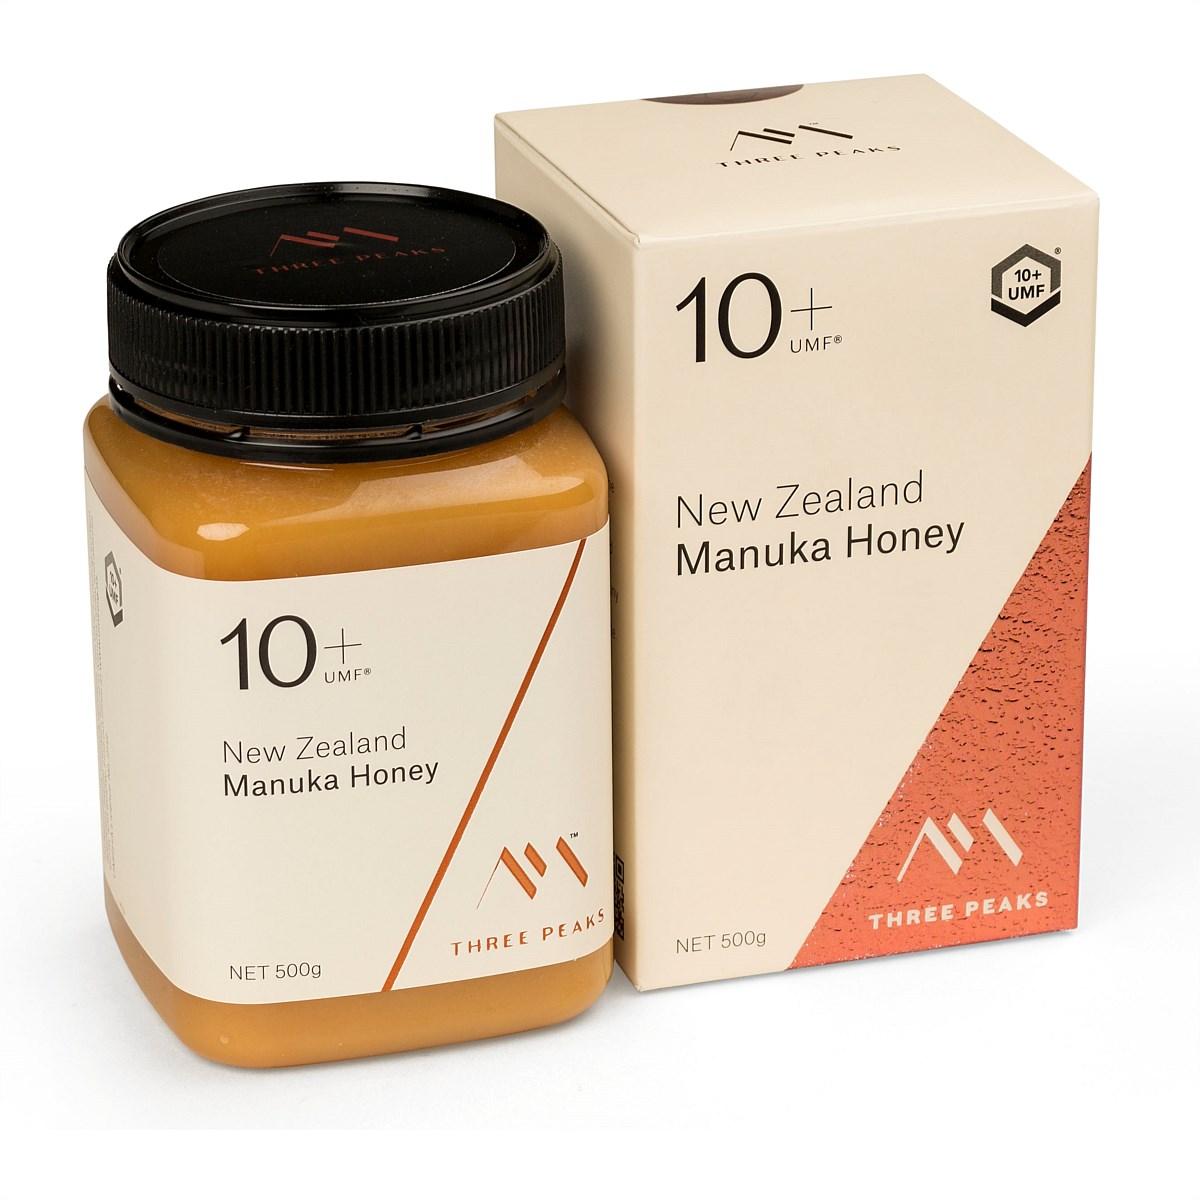 Umf 10 honey